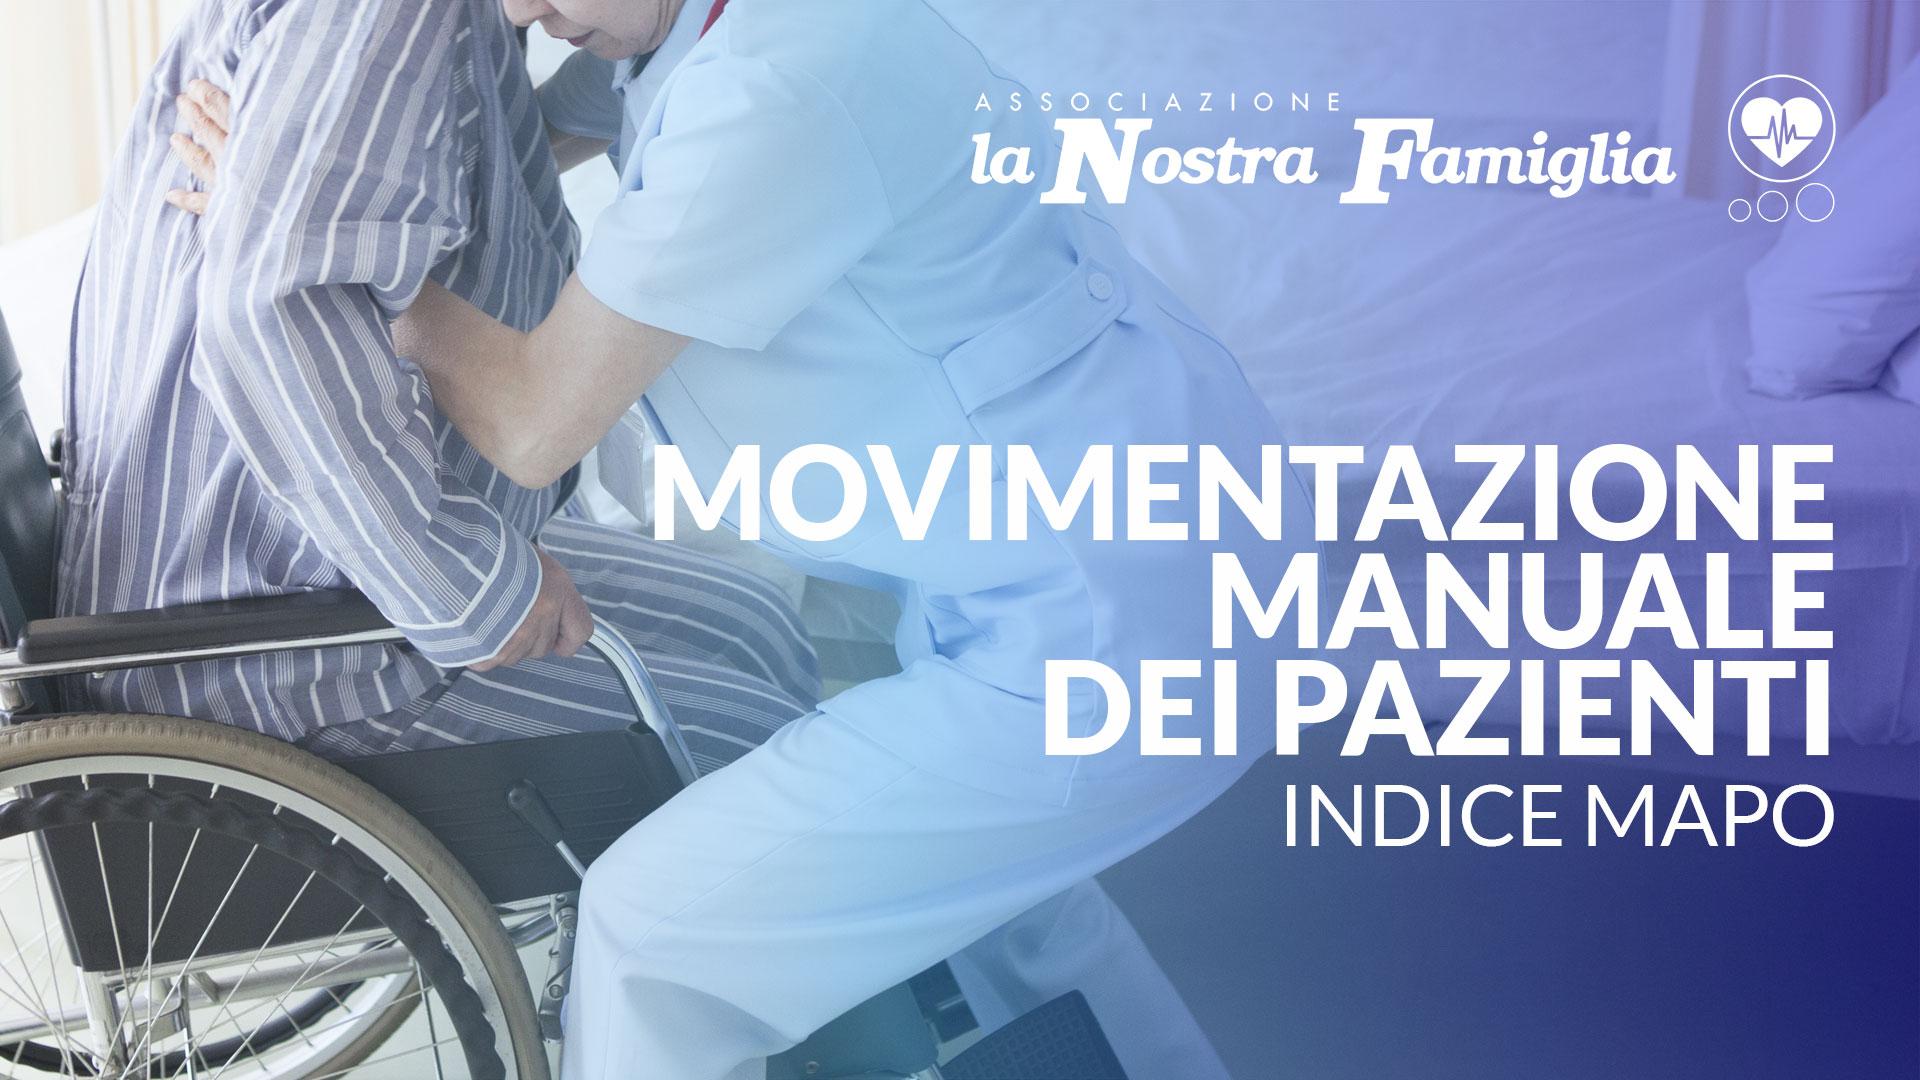 Movimentazione manuale dei pazienti - indice MAPO